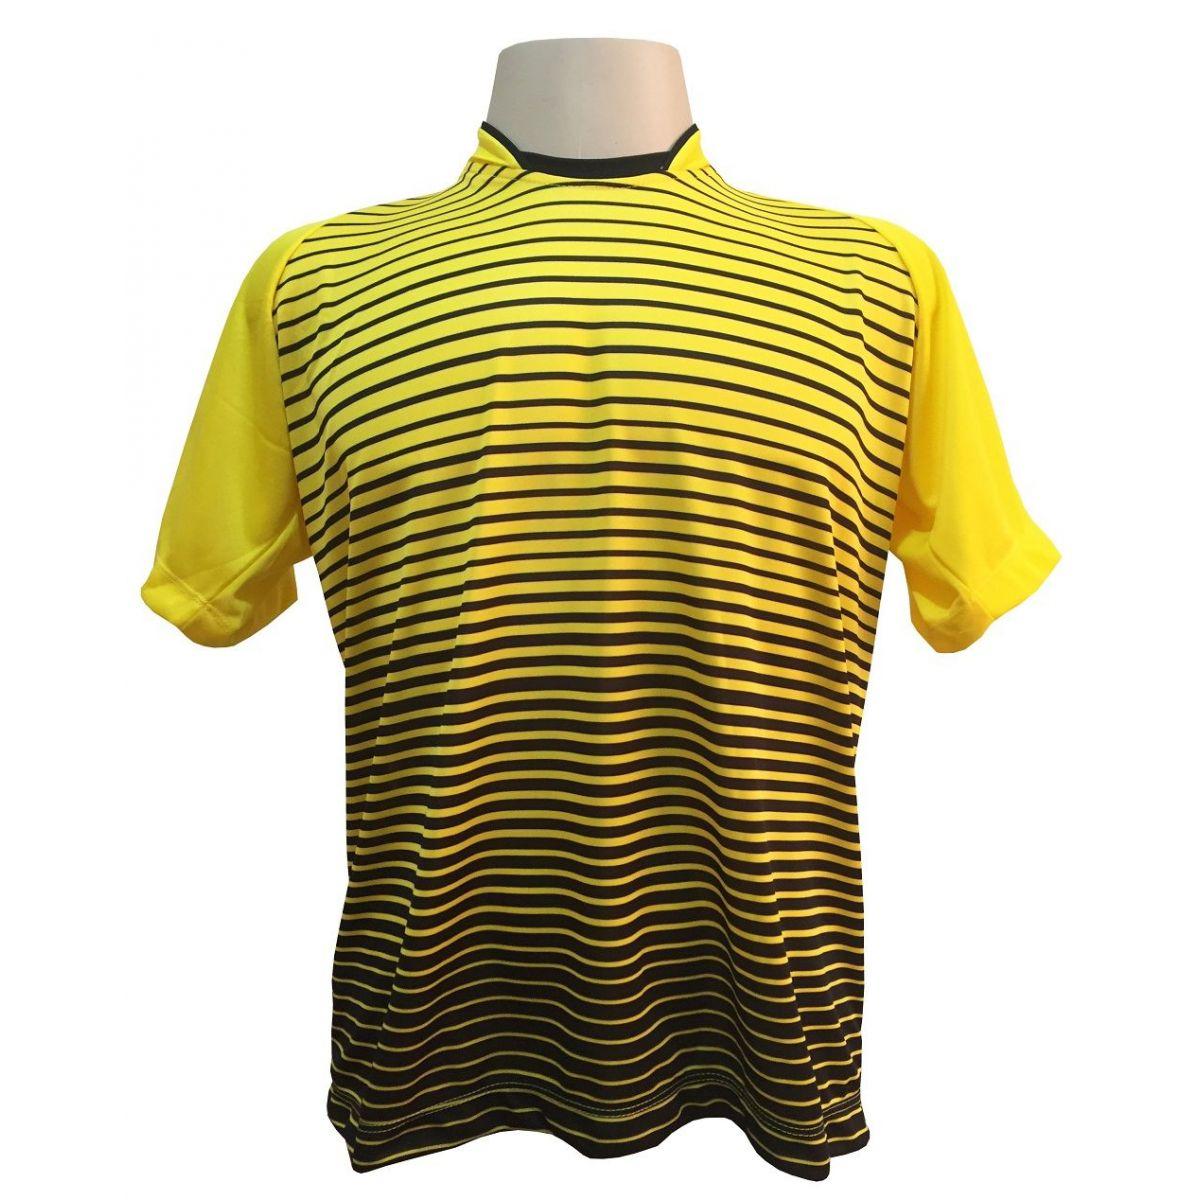 Fardamento Completo modelo City 12+1 (12 Camisas Amarelo/Preto + 12 Calções Copa Preto/Amarelo + 12 Pares de Meiões Pretos + 1 Conjunto de Goleiro) + Brindes